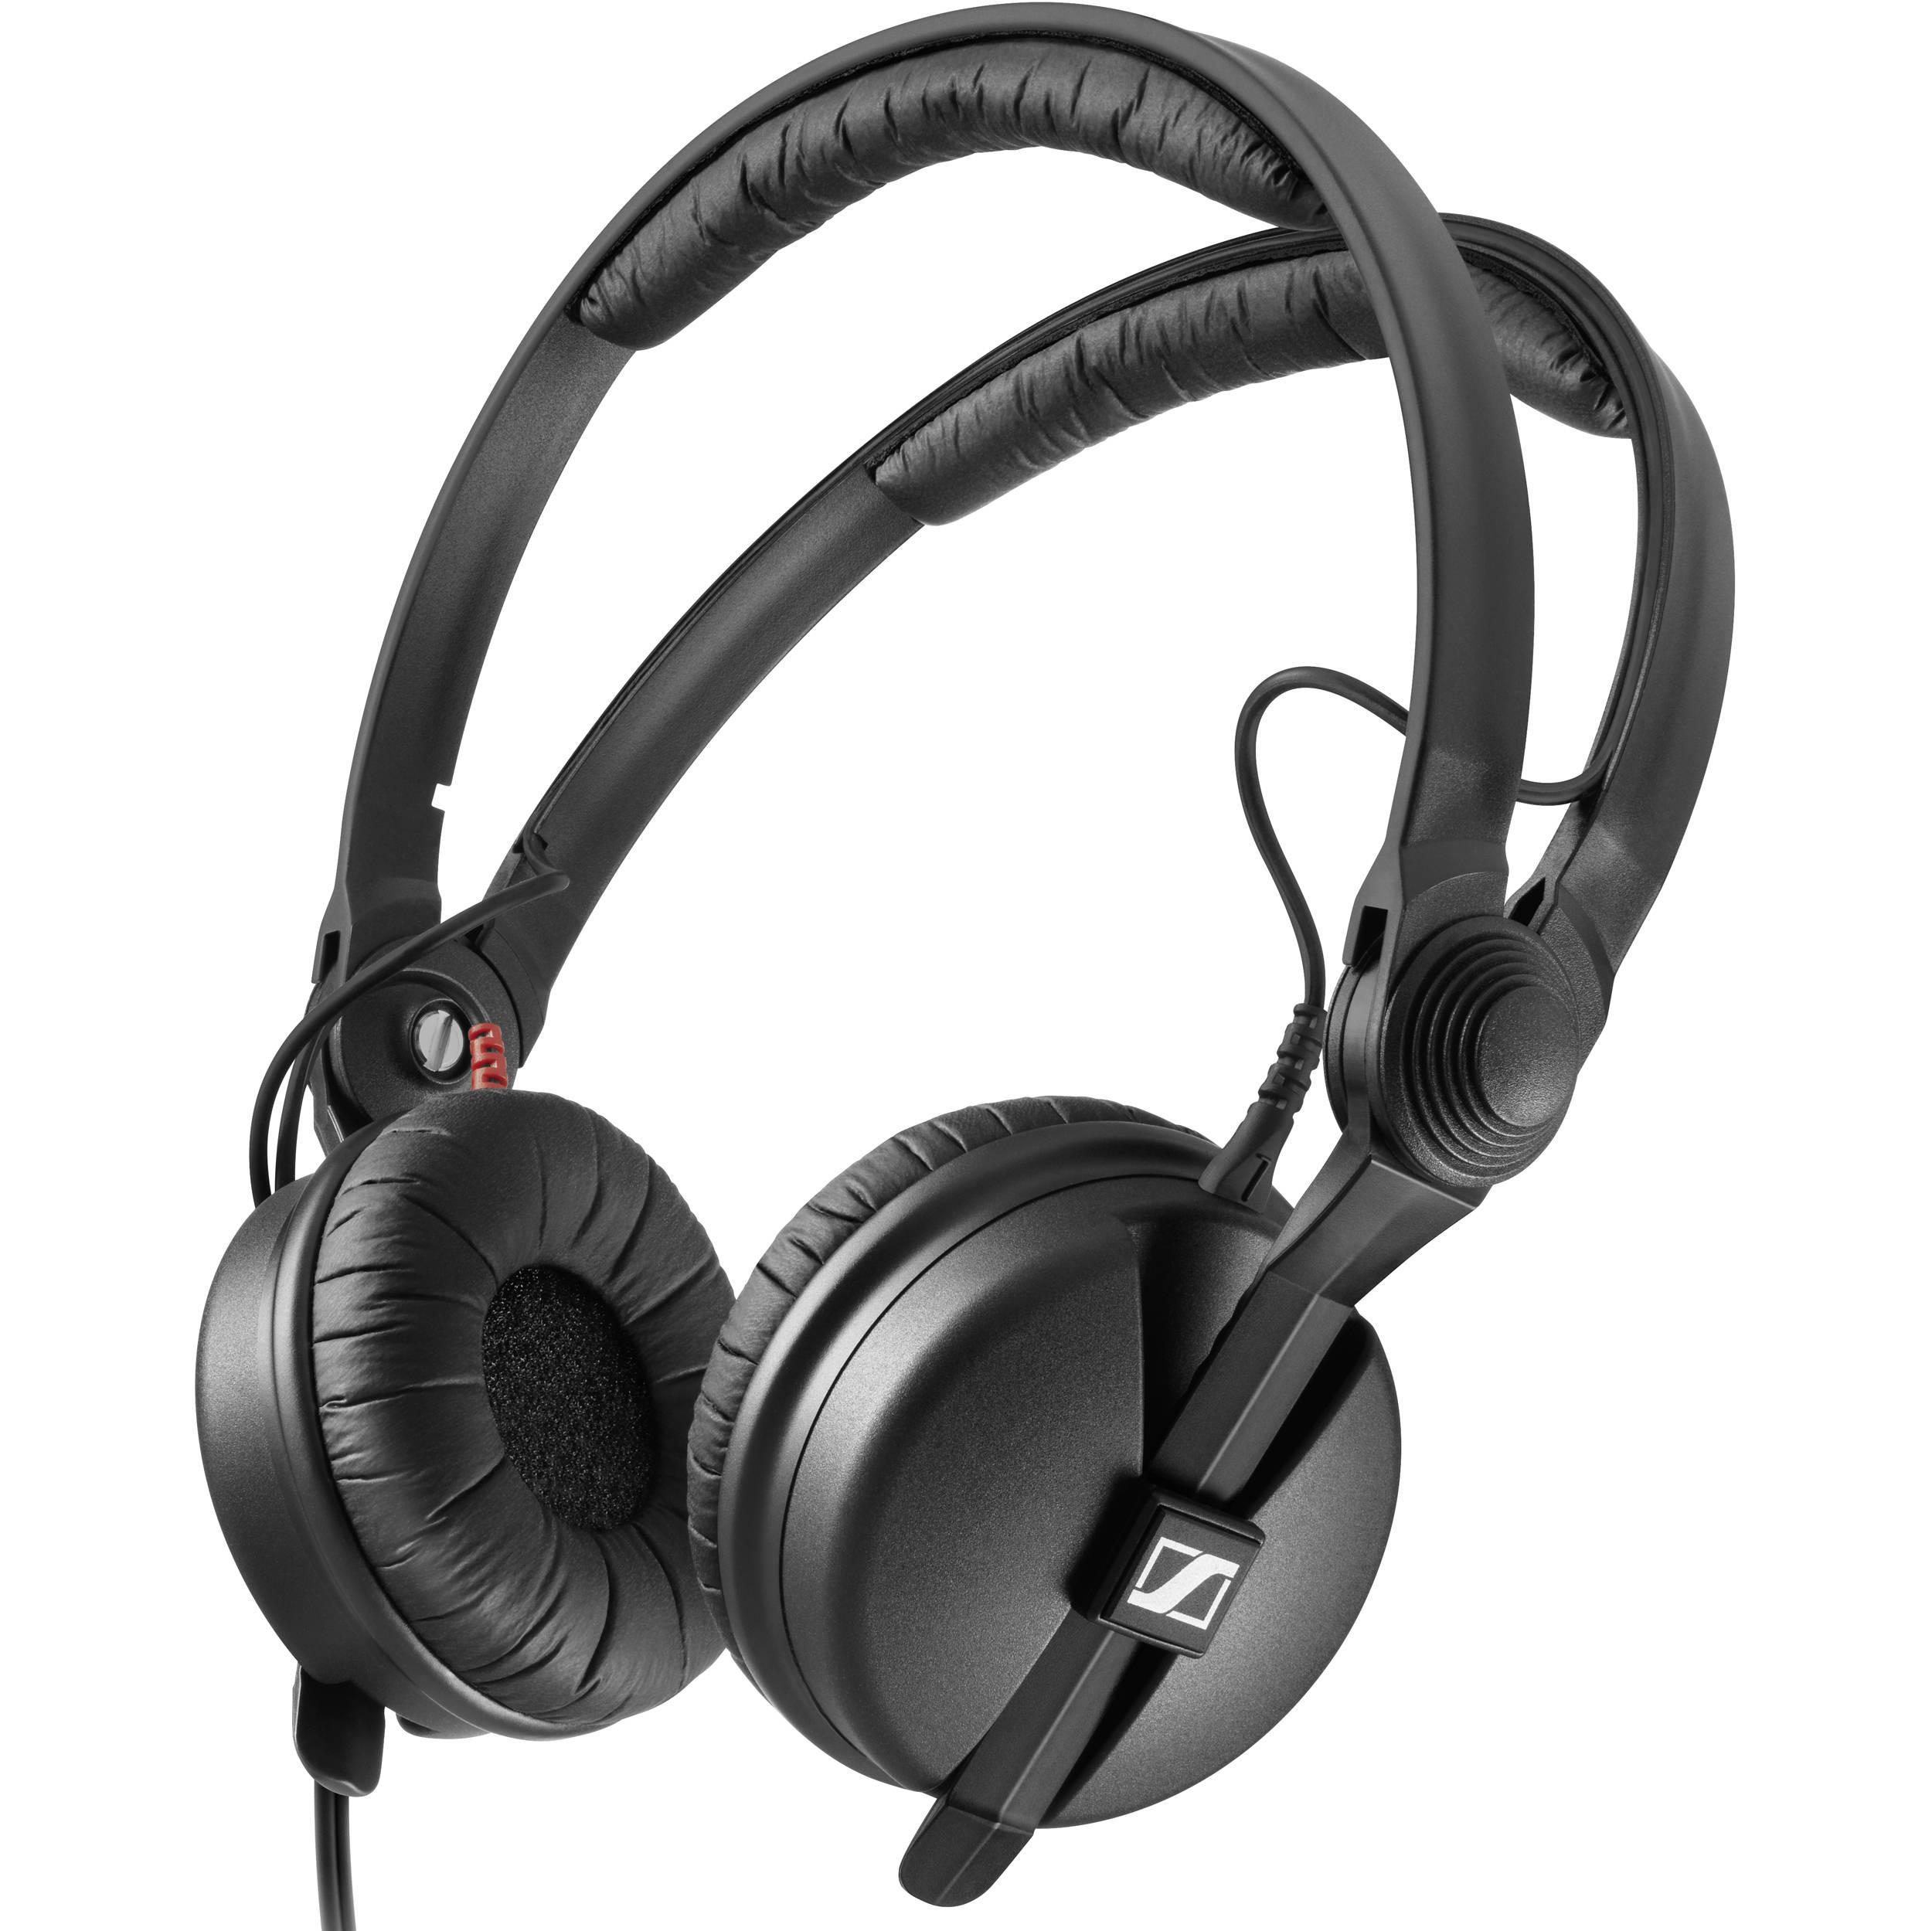 [PREISUPDATE 05.10.]Sennheiser HD 25 Plus Kopfhörer [BESTPREIS]